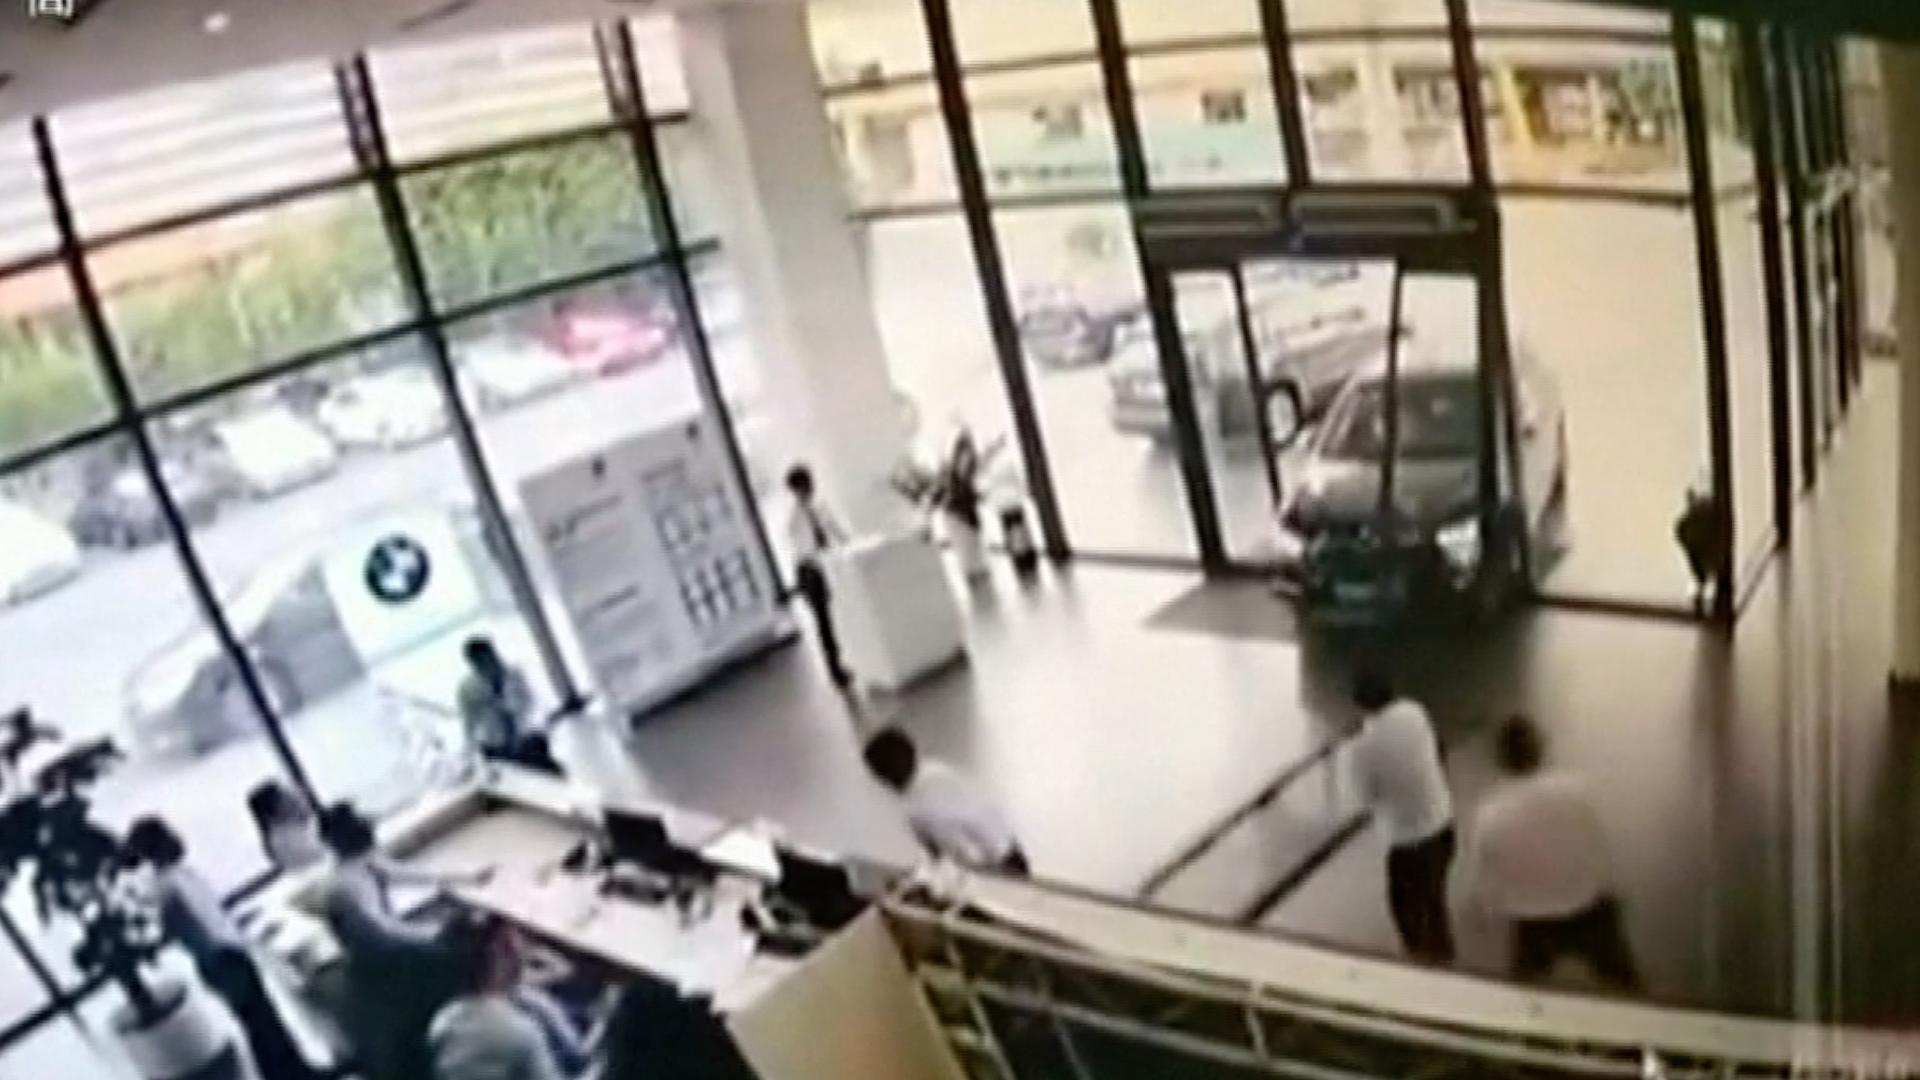 Řidič si spletl brzdu s plynem a půjčeným vozem prorazil dveře prodejny aut